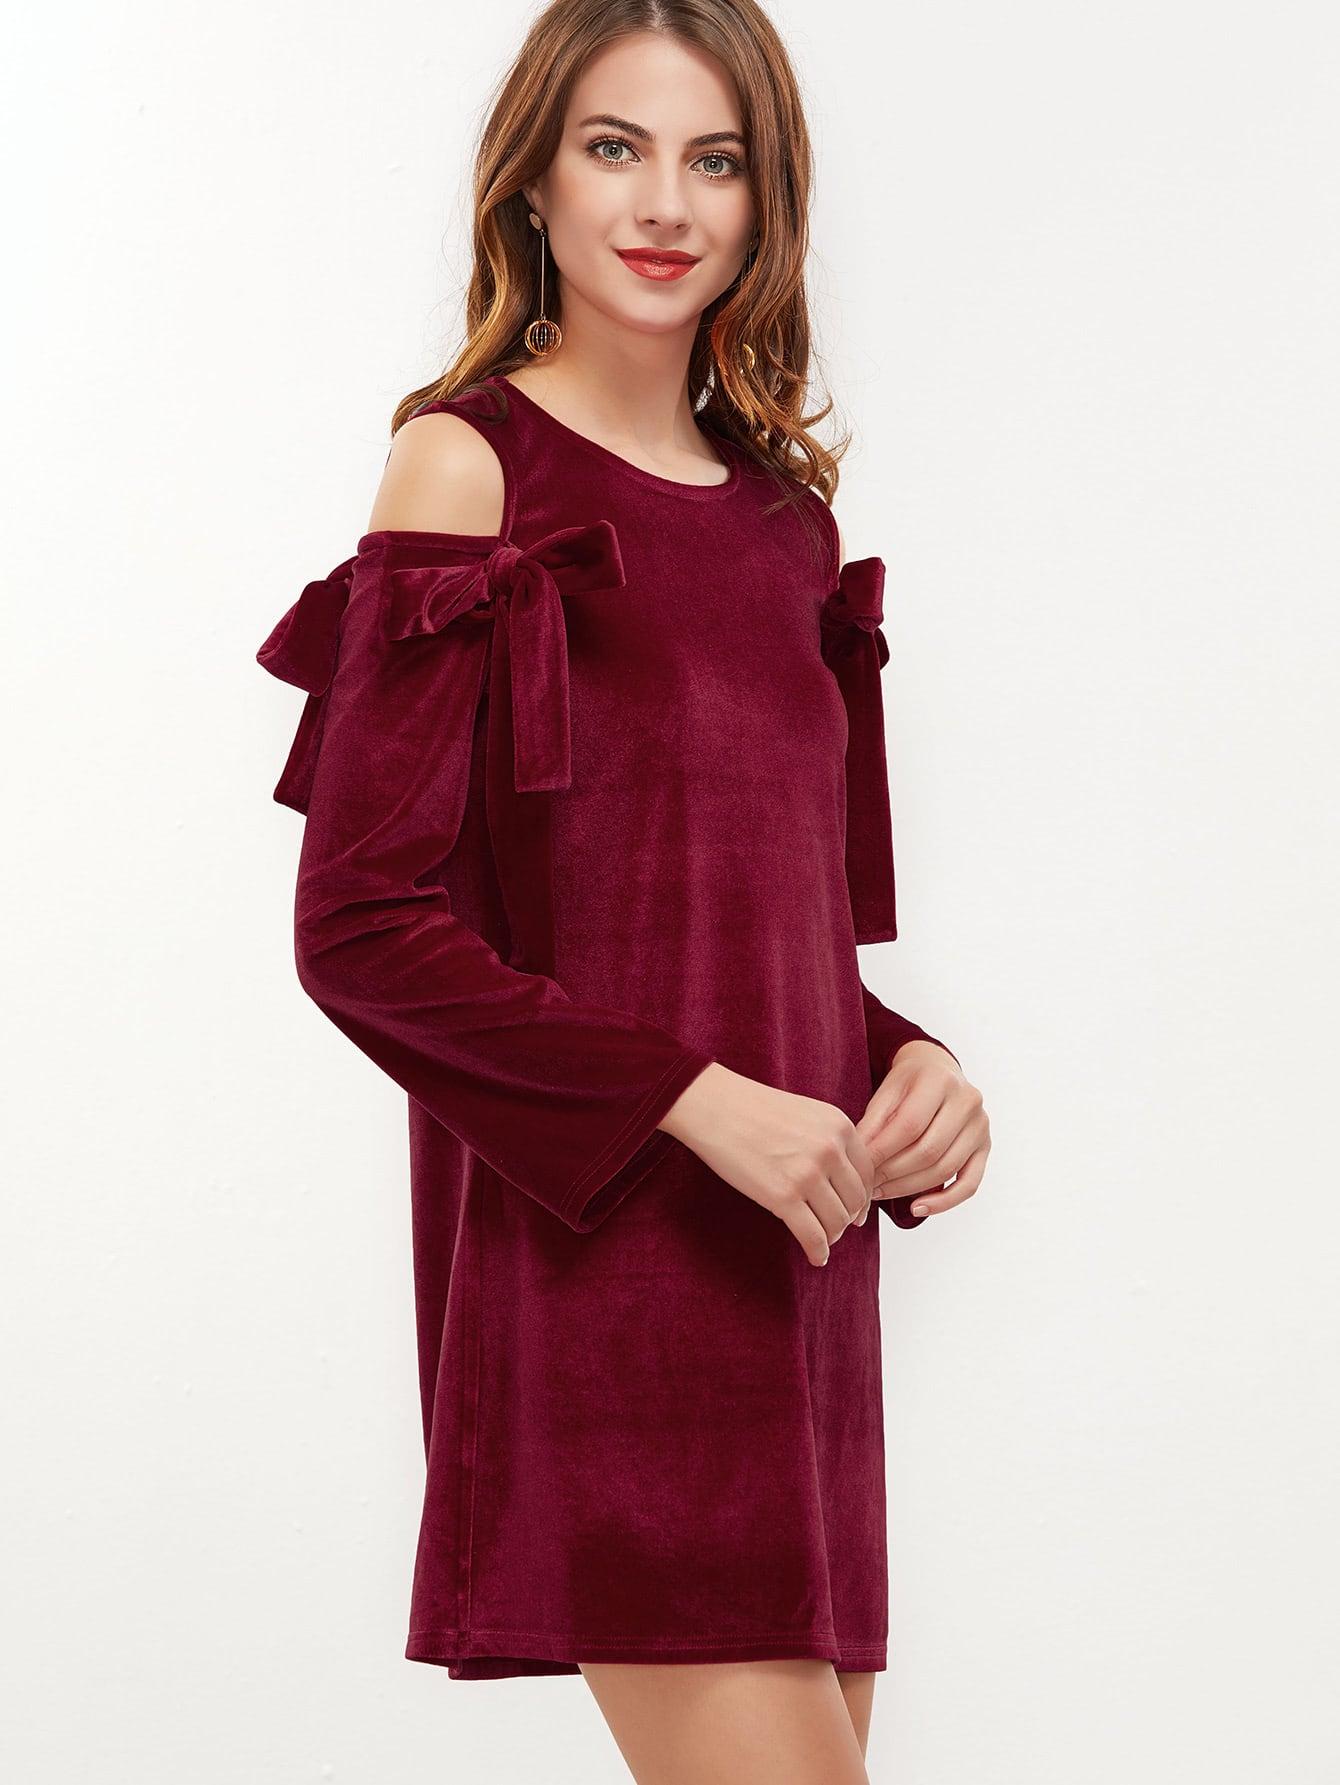 dress161201705_2